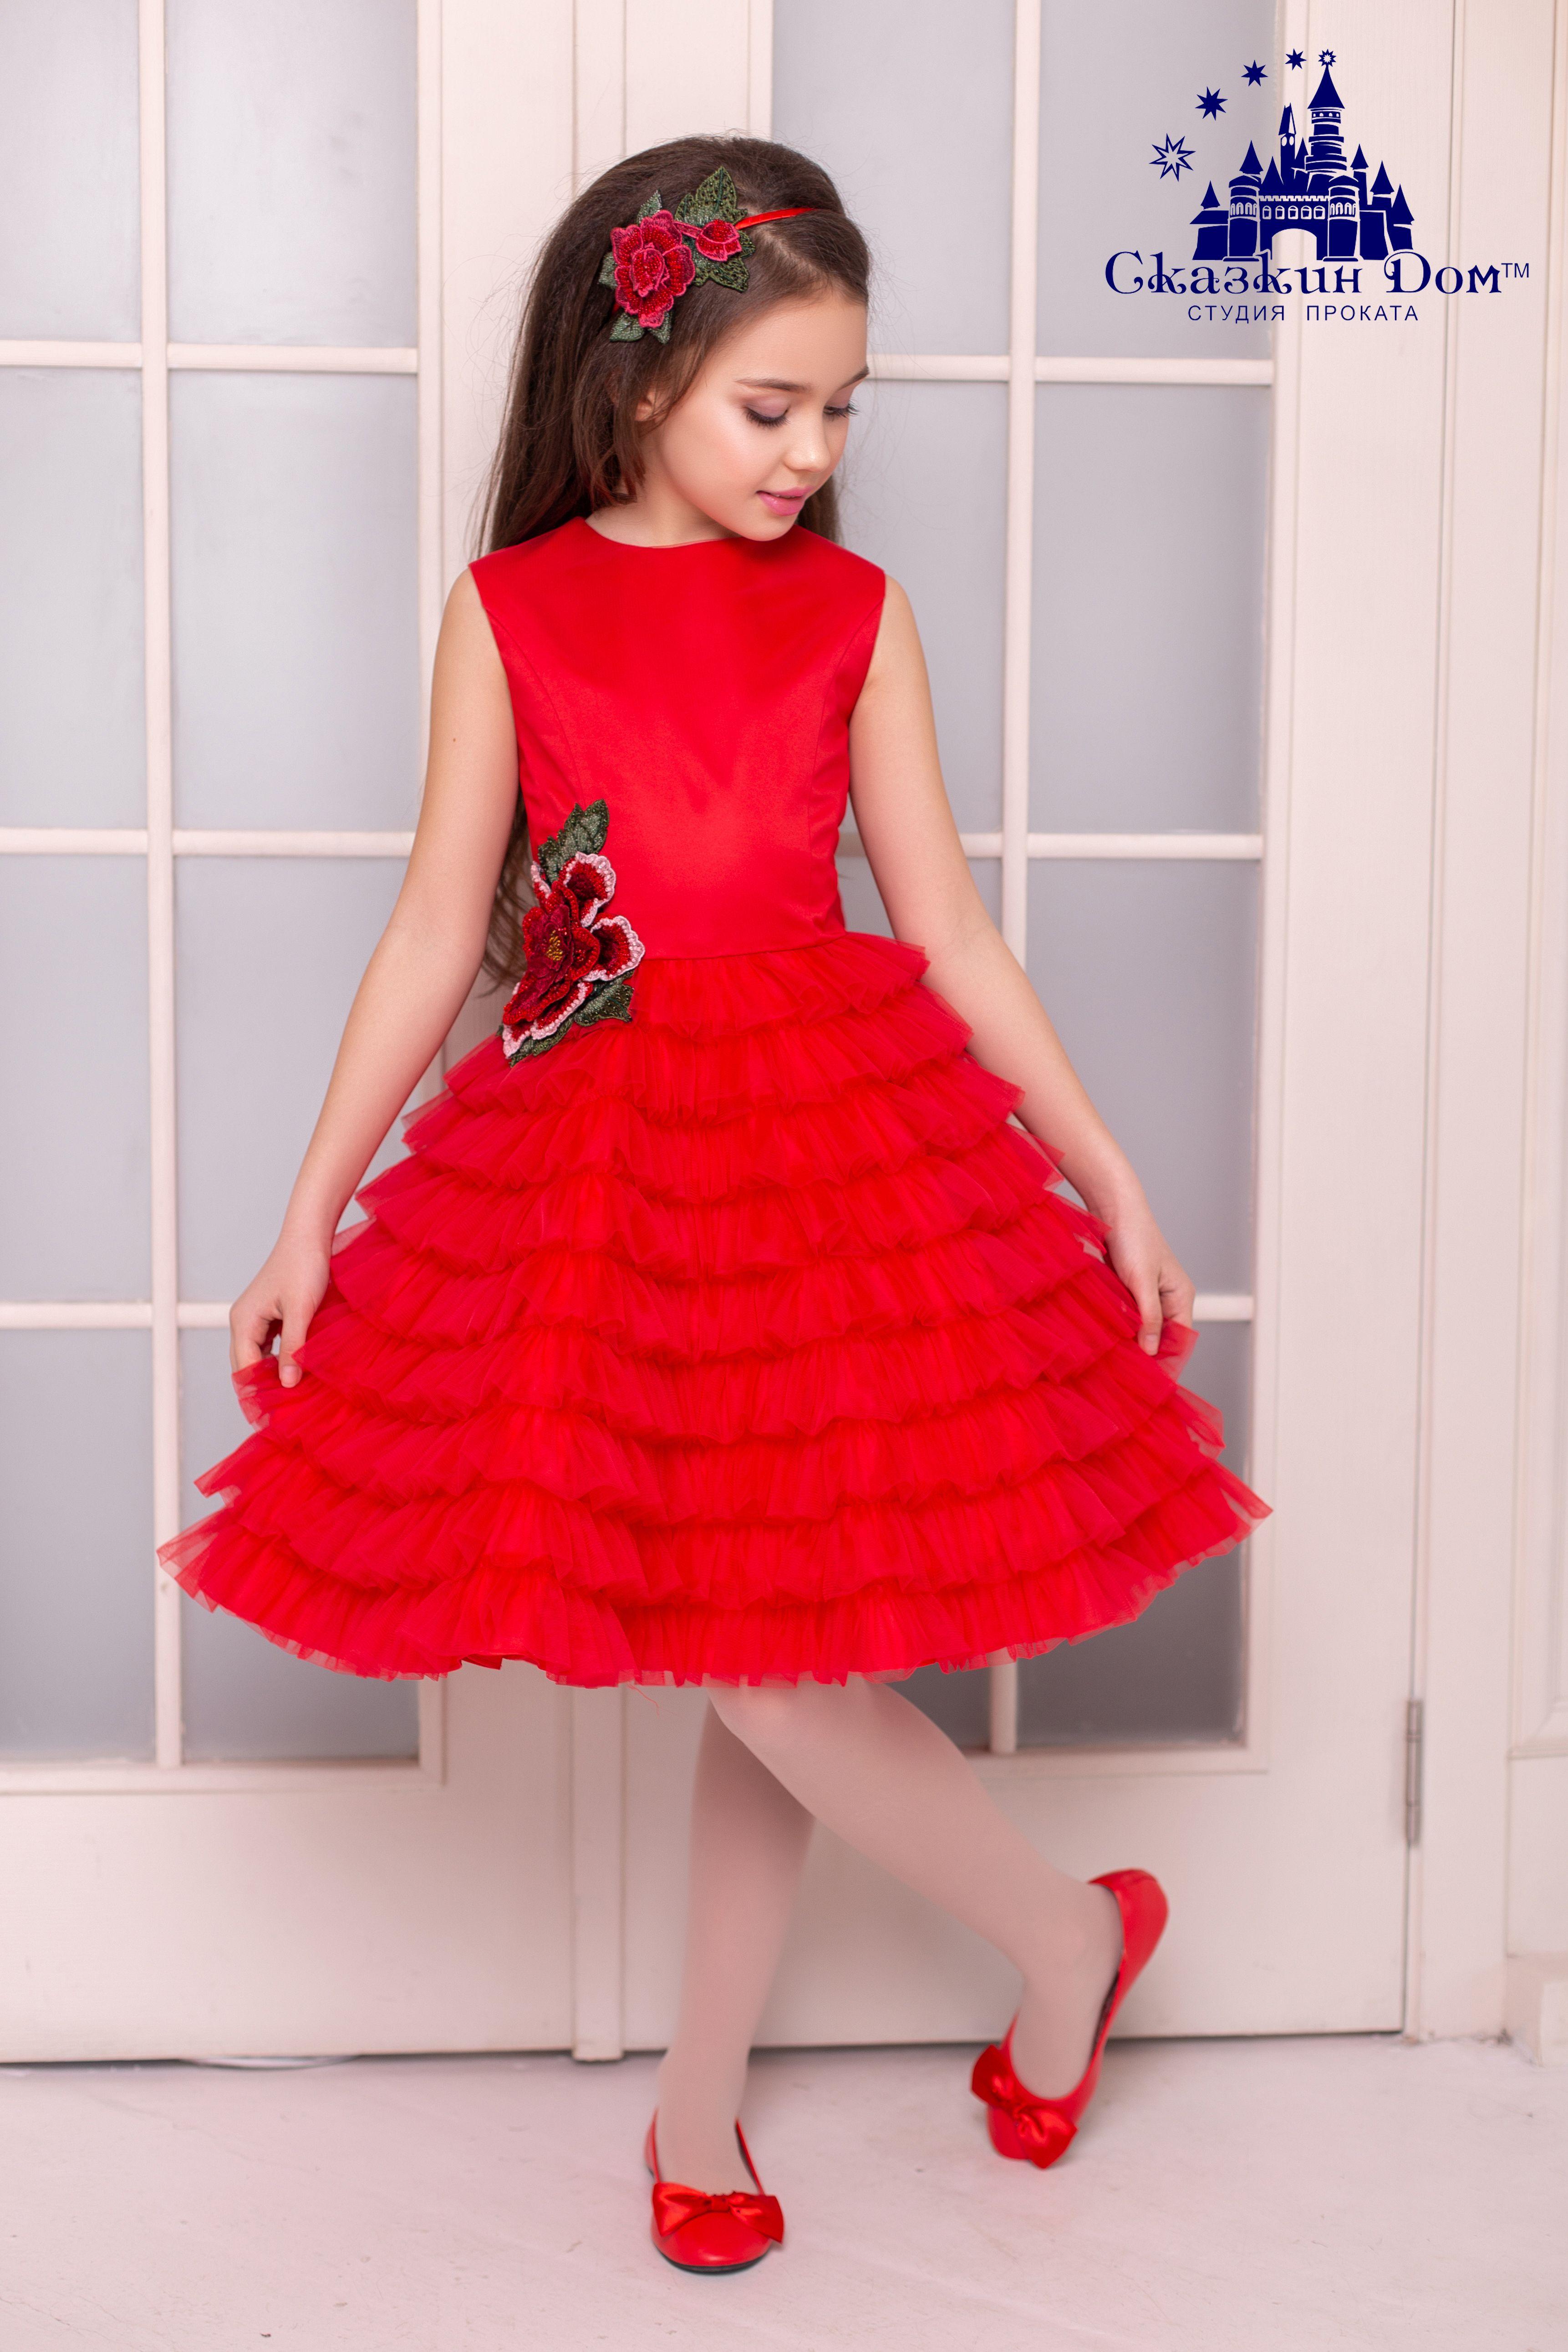 9e74776afcbc6a0 Выбирайте самый яркий наряд для выпускного вечера и фотосессий! Это  волшебное платье-трансформер просто